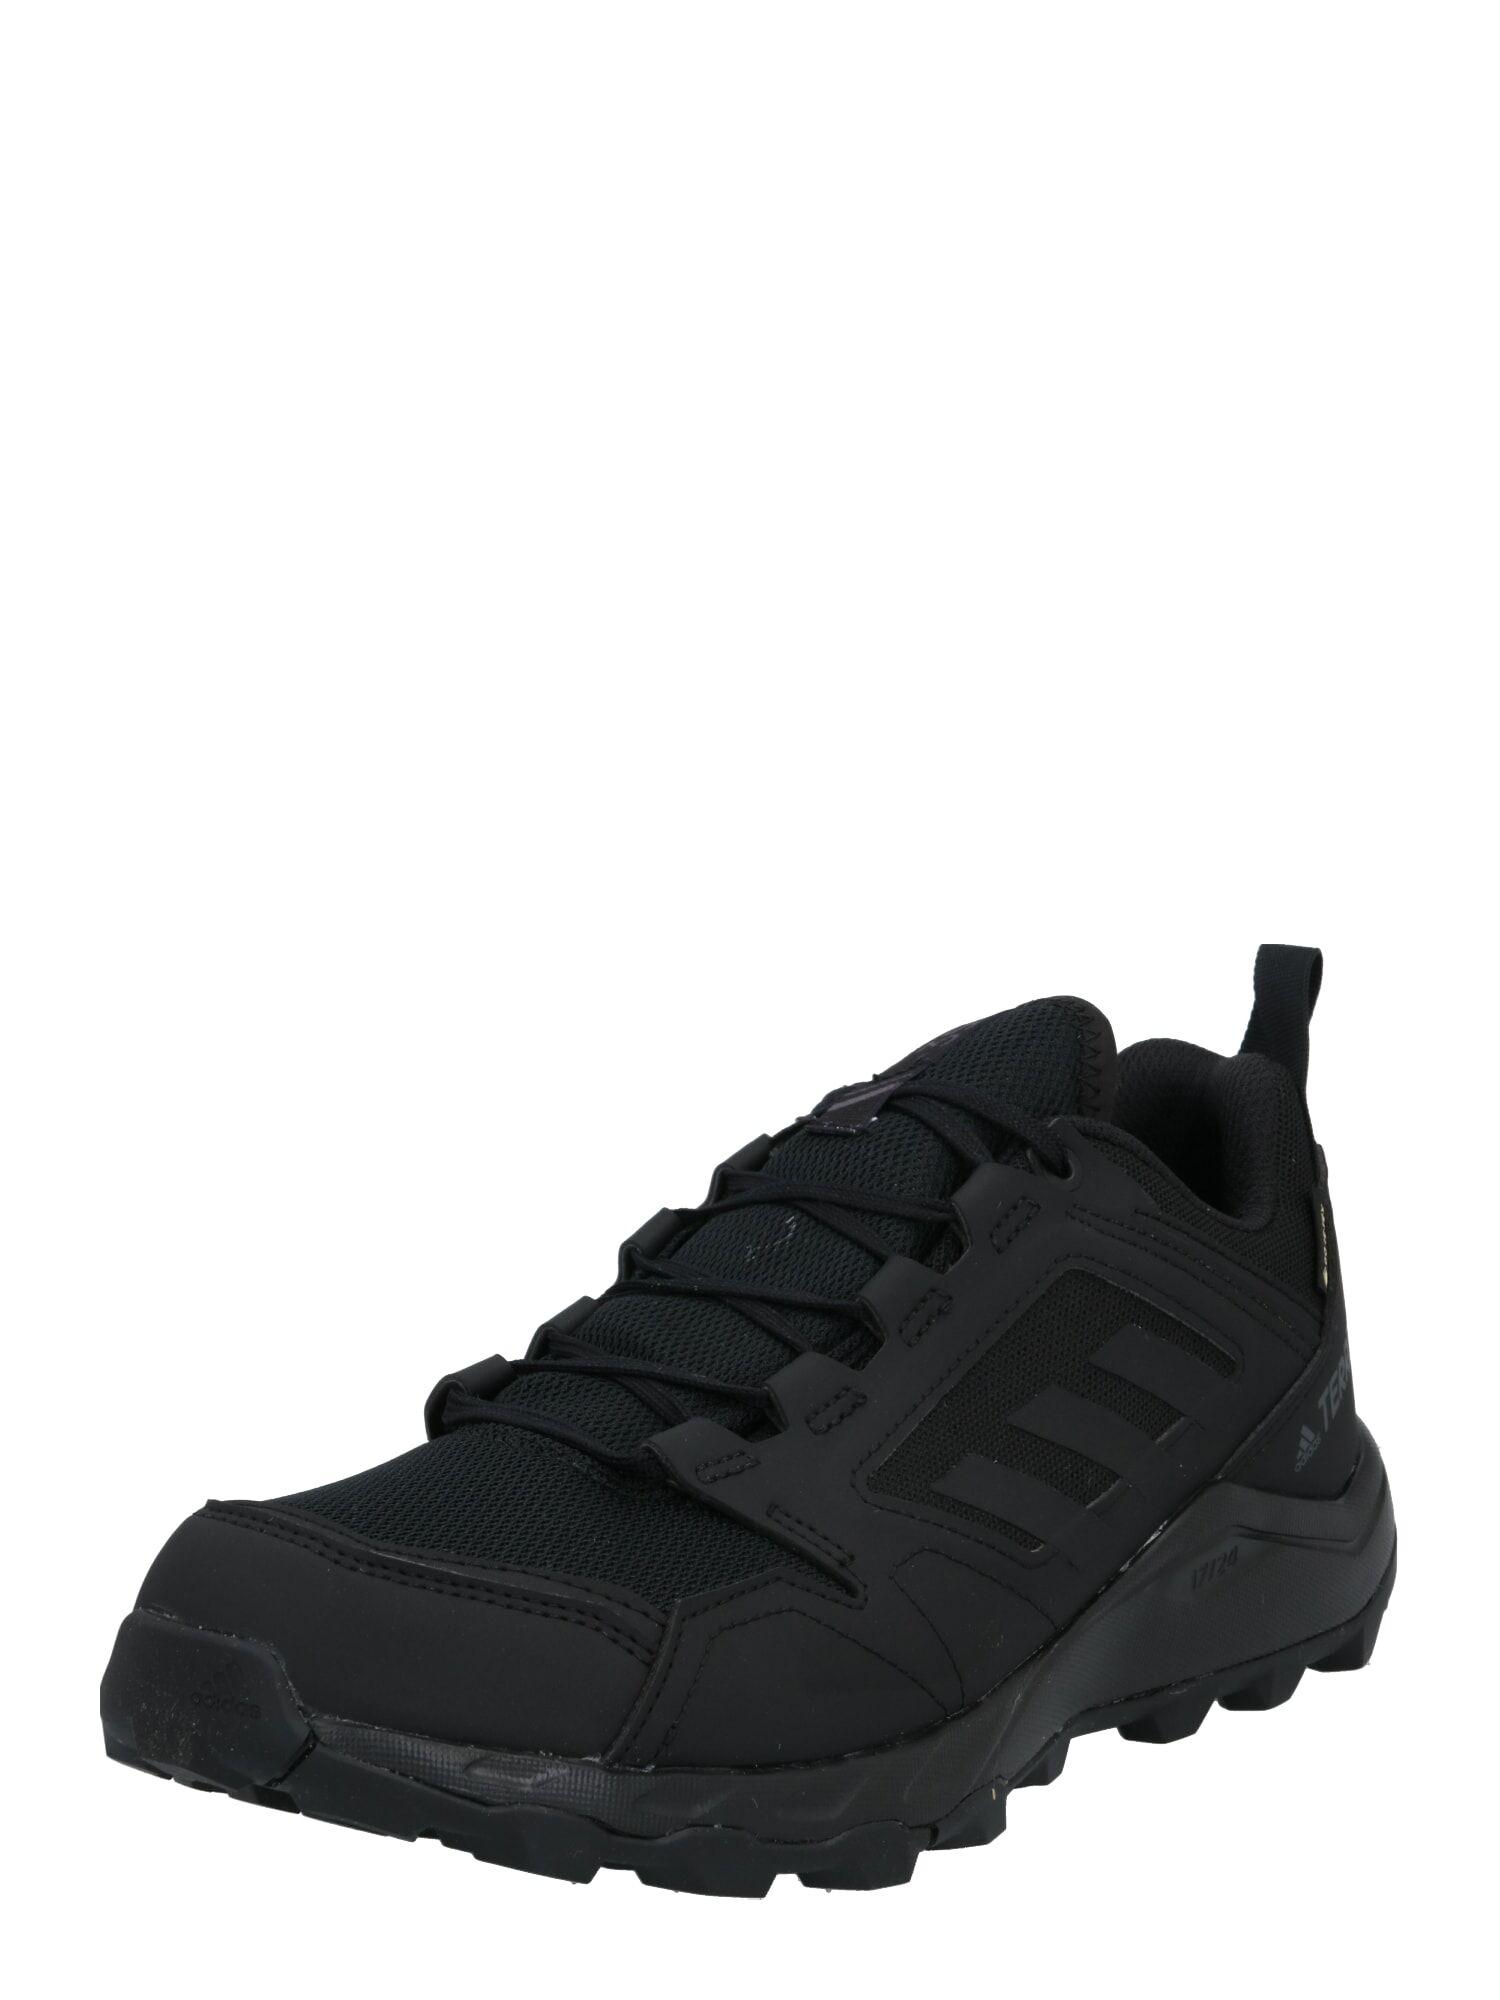 adidas Terrex Chaussure de course  - Noir - Taille: 10 - male